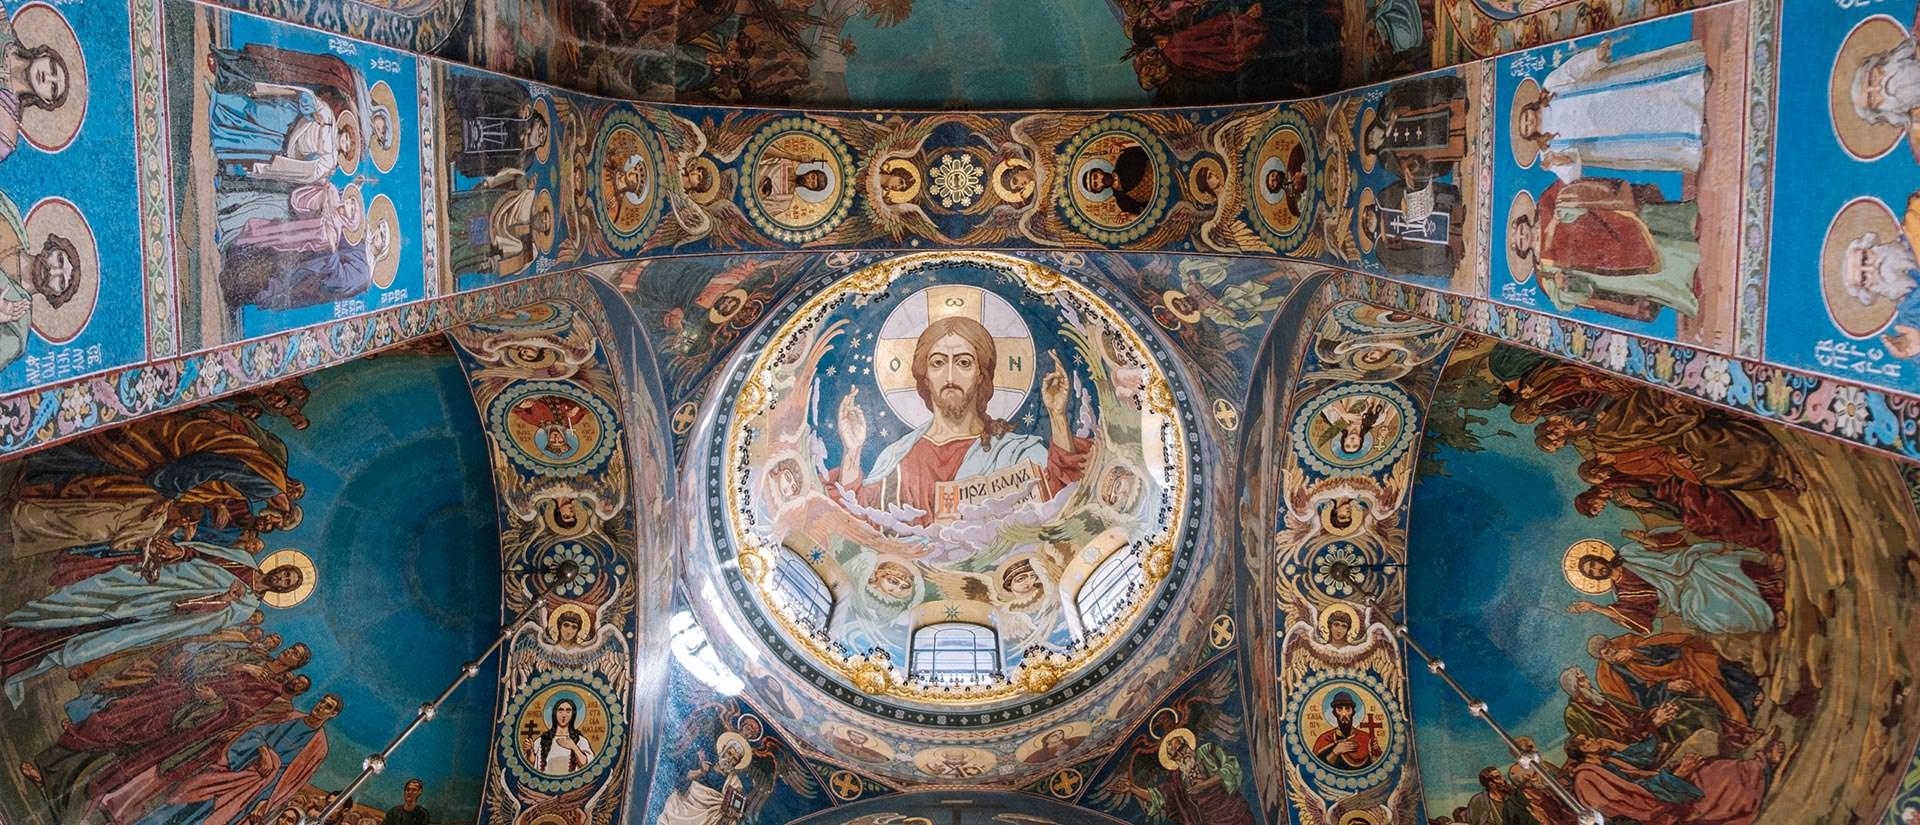 היסטוריה, תרבות ומורשת בסנט פטרסבורג